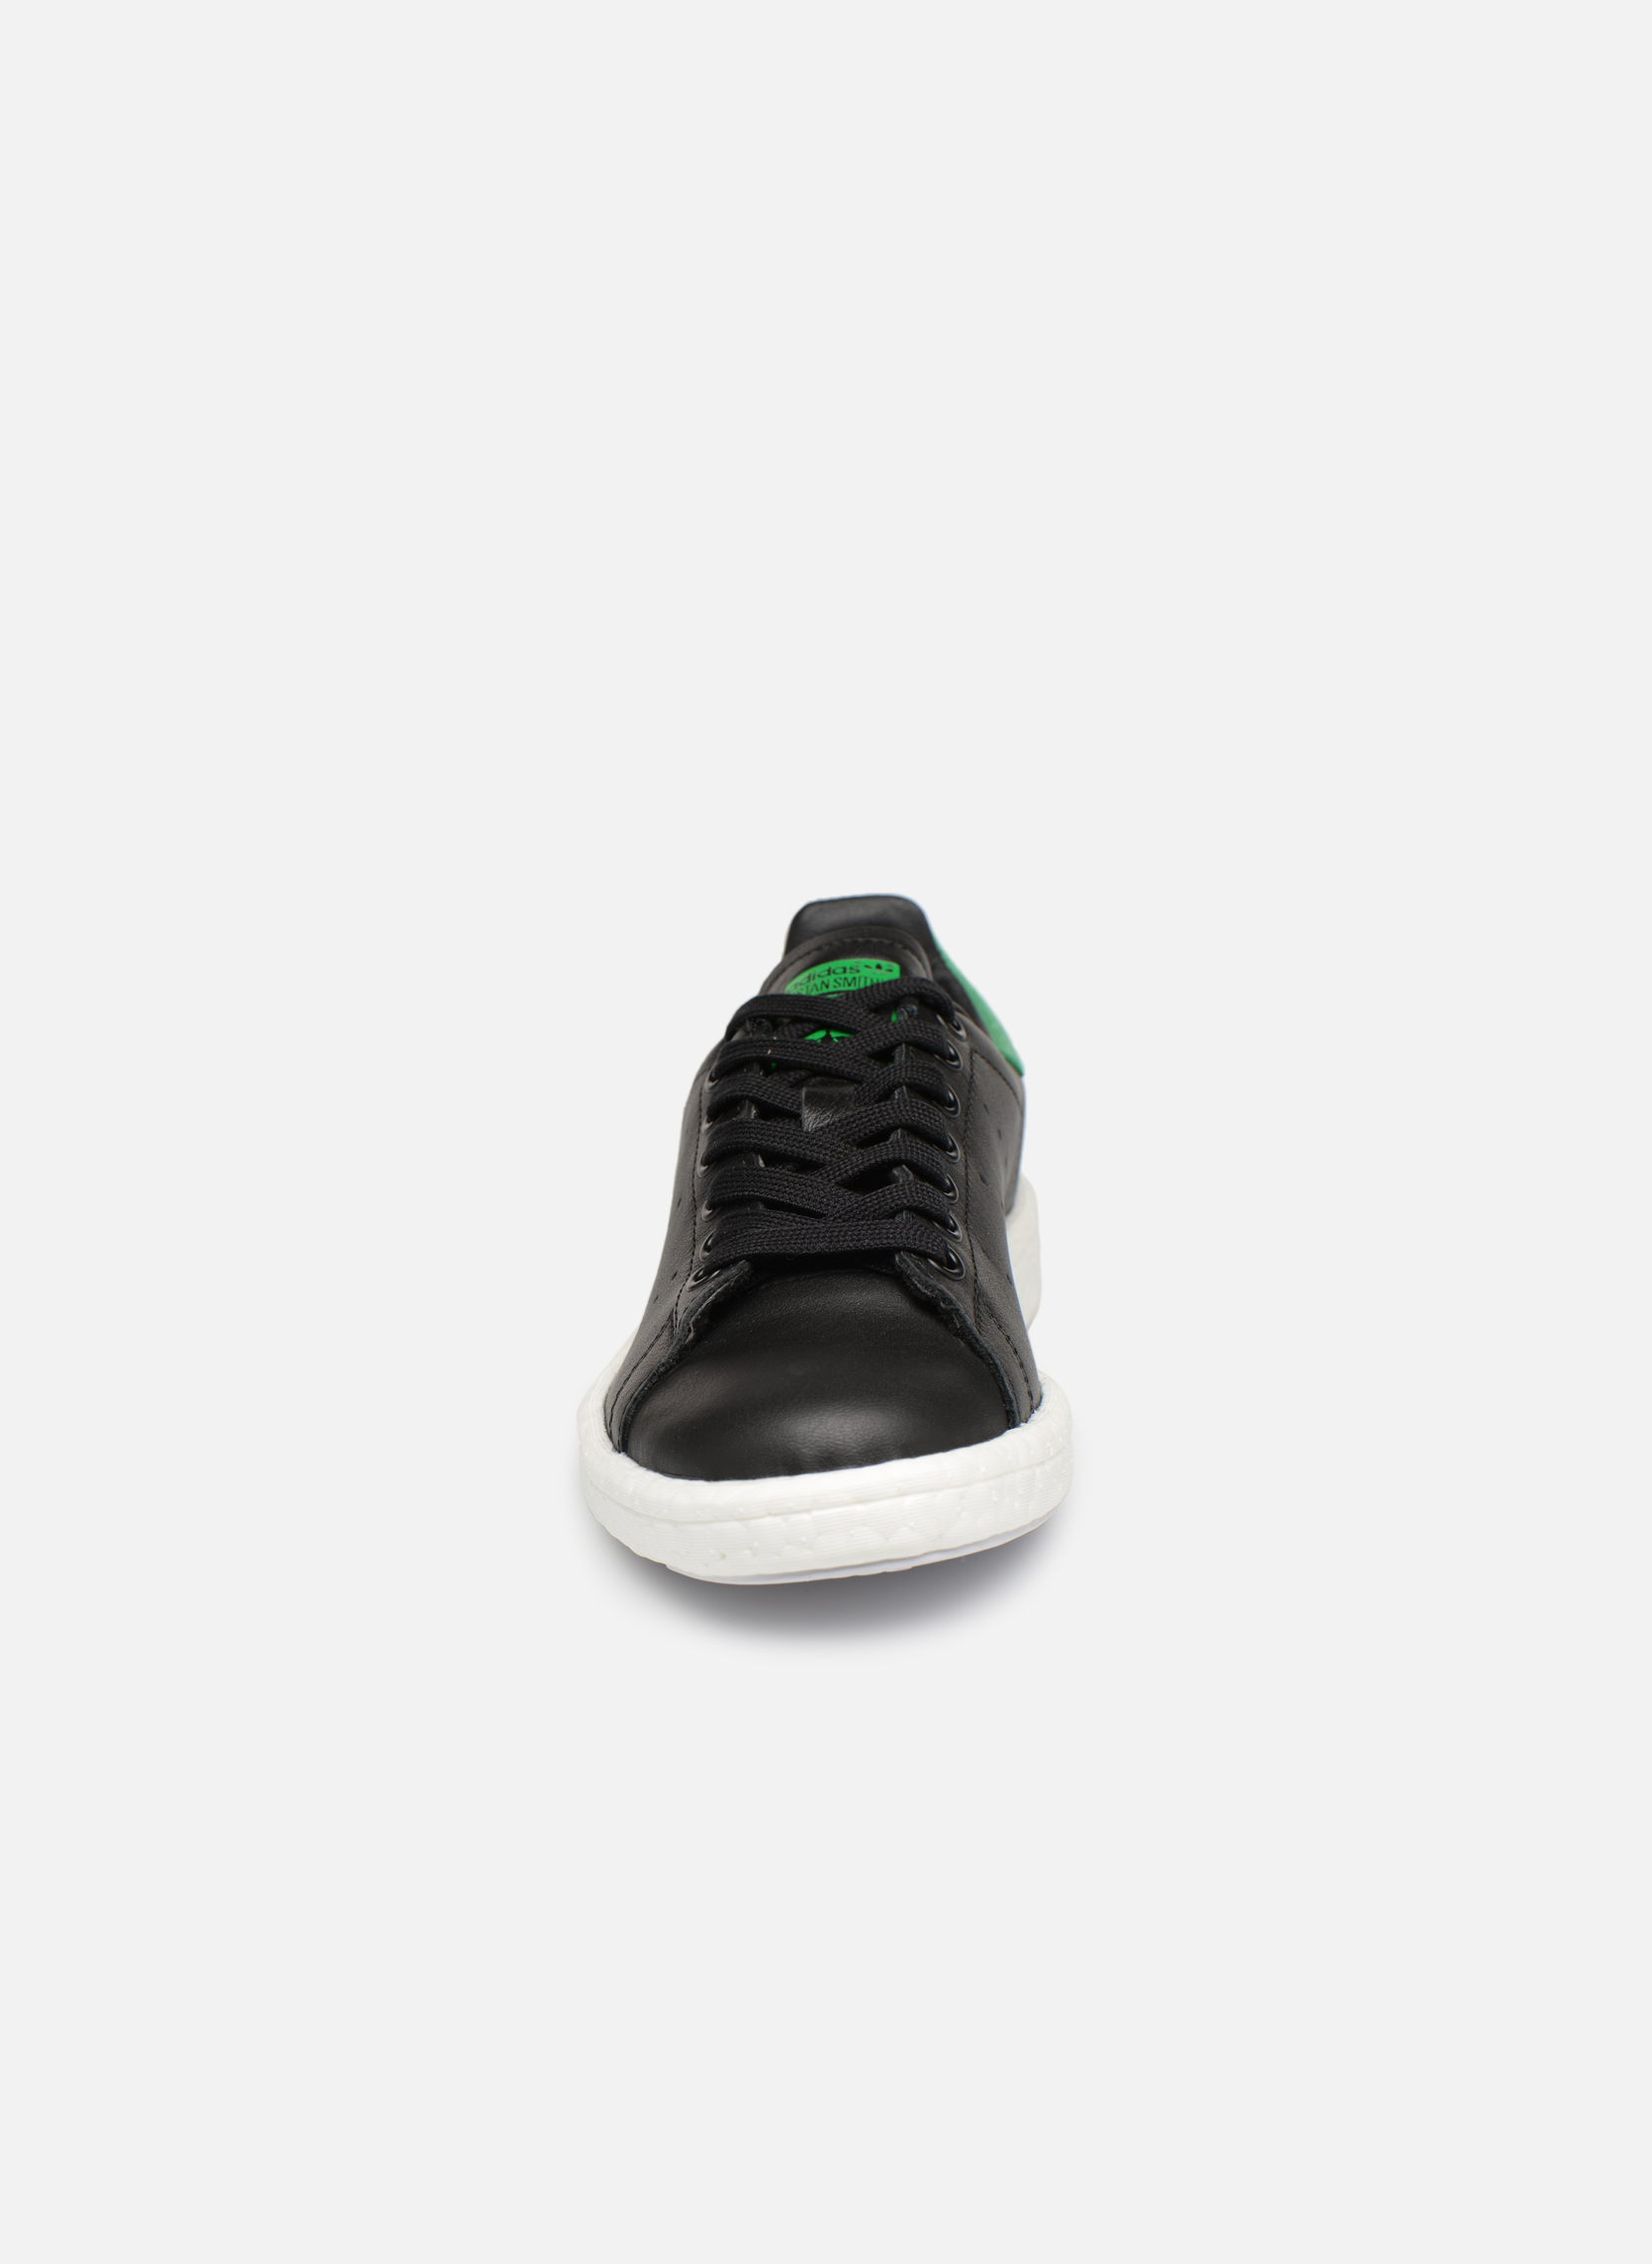 newest collection 021af ac315 ... Zapatos promocionales Adidas Originals Stan Smith W (Negro) -  Deportivas Gran descuento ...